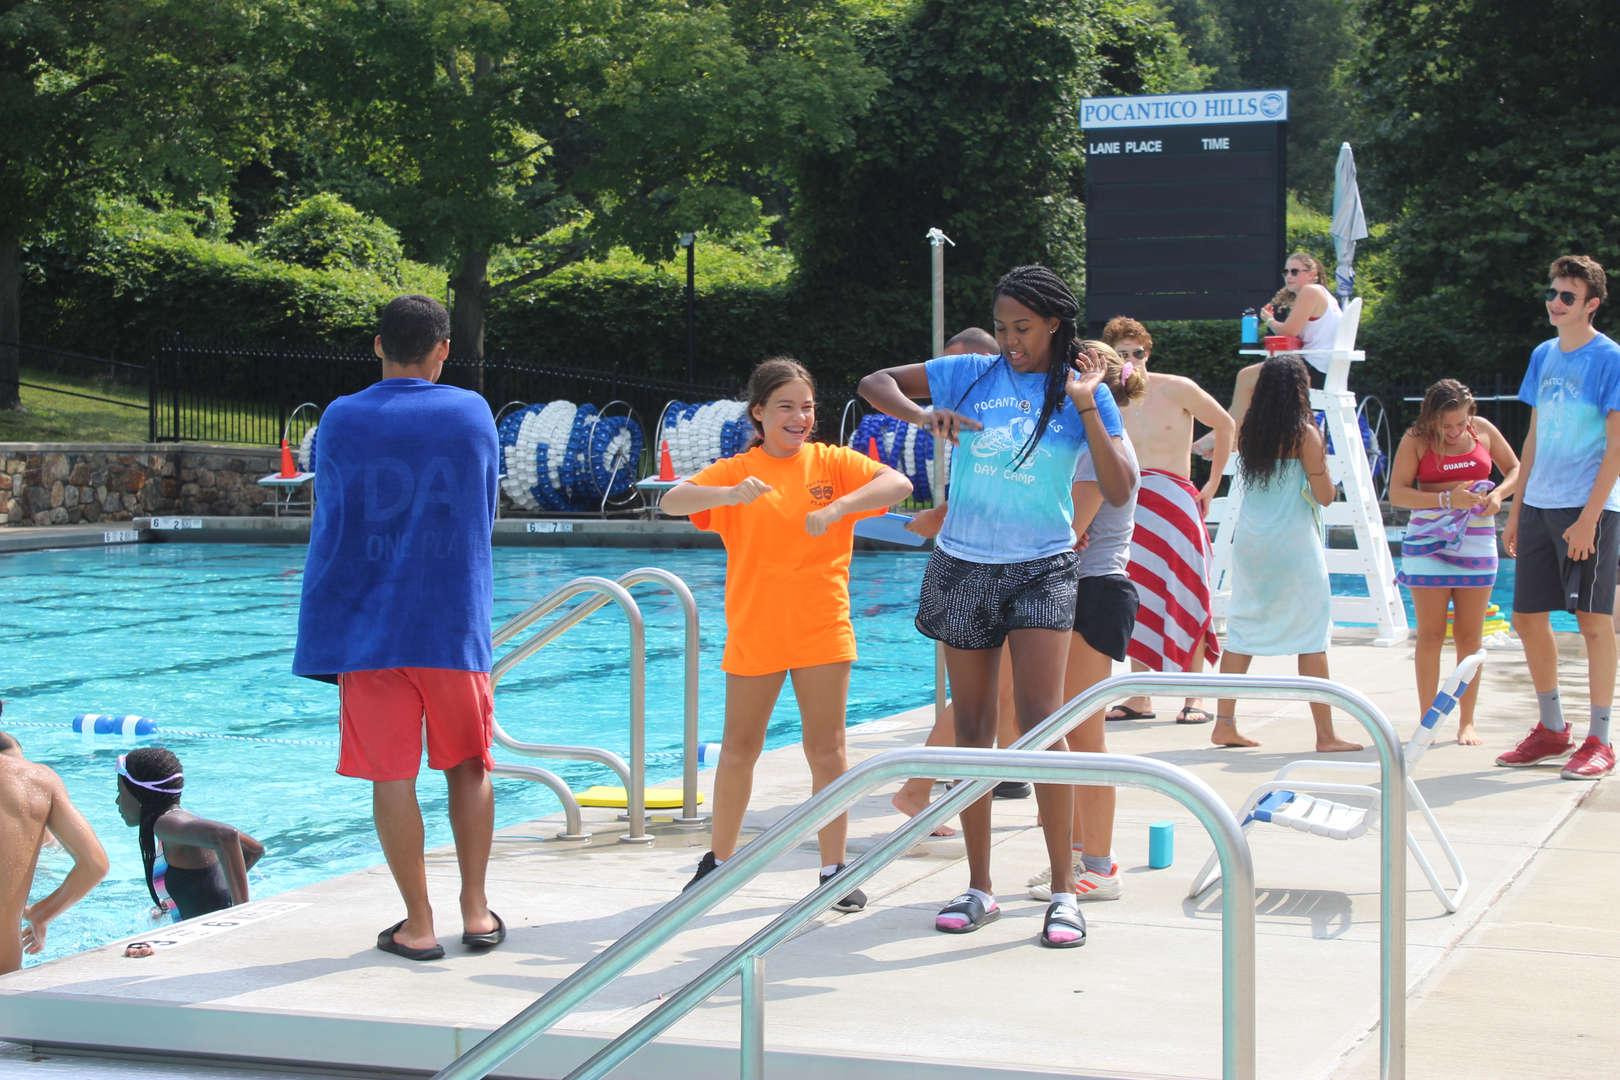 Dancing at the school pool.